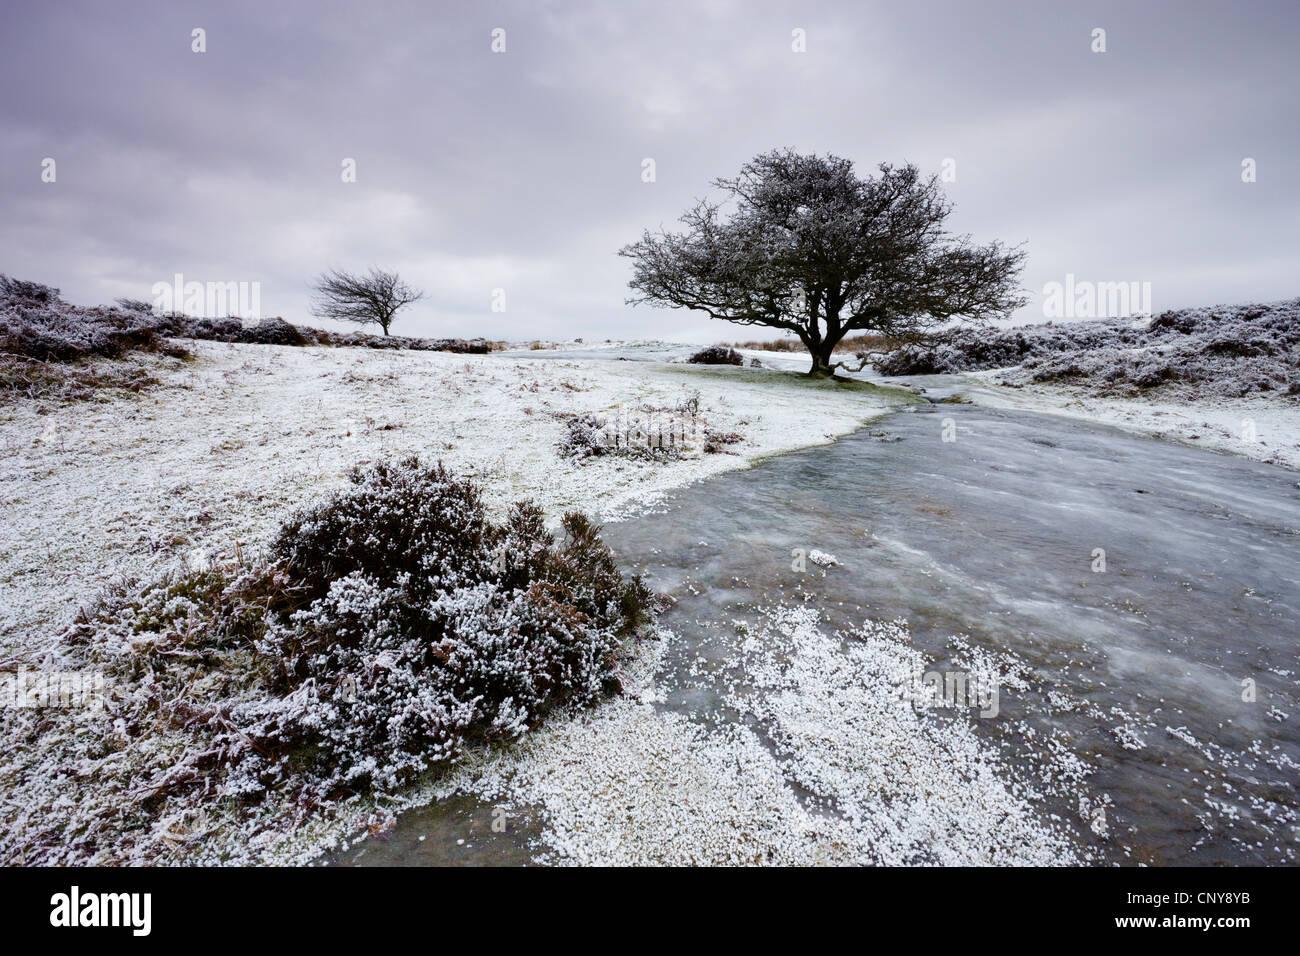 La nieve y el hielo en Porlock común en invierno, Exmoor National Park, Somerset, Inglaterra. Enero de 2009 Imagen De Stock